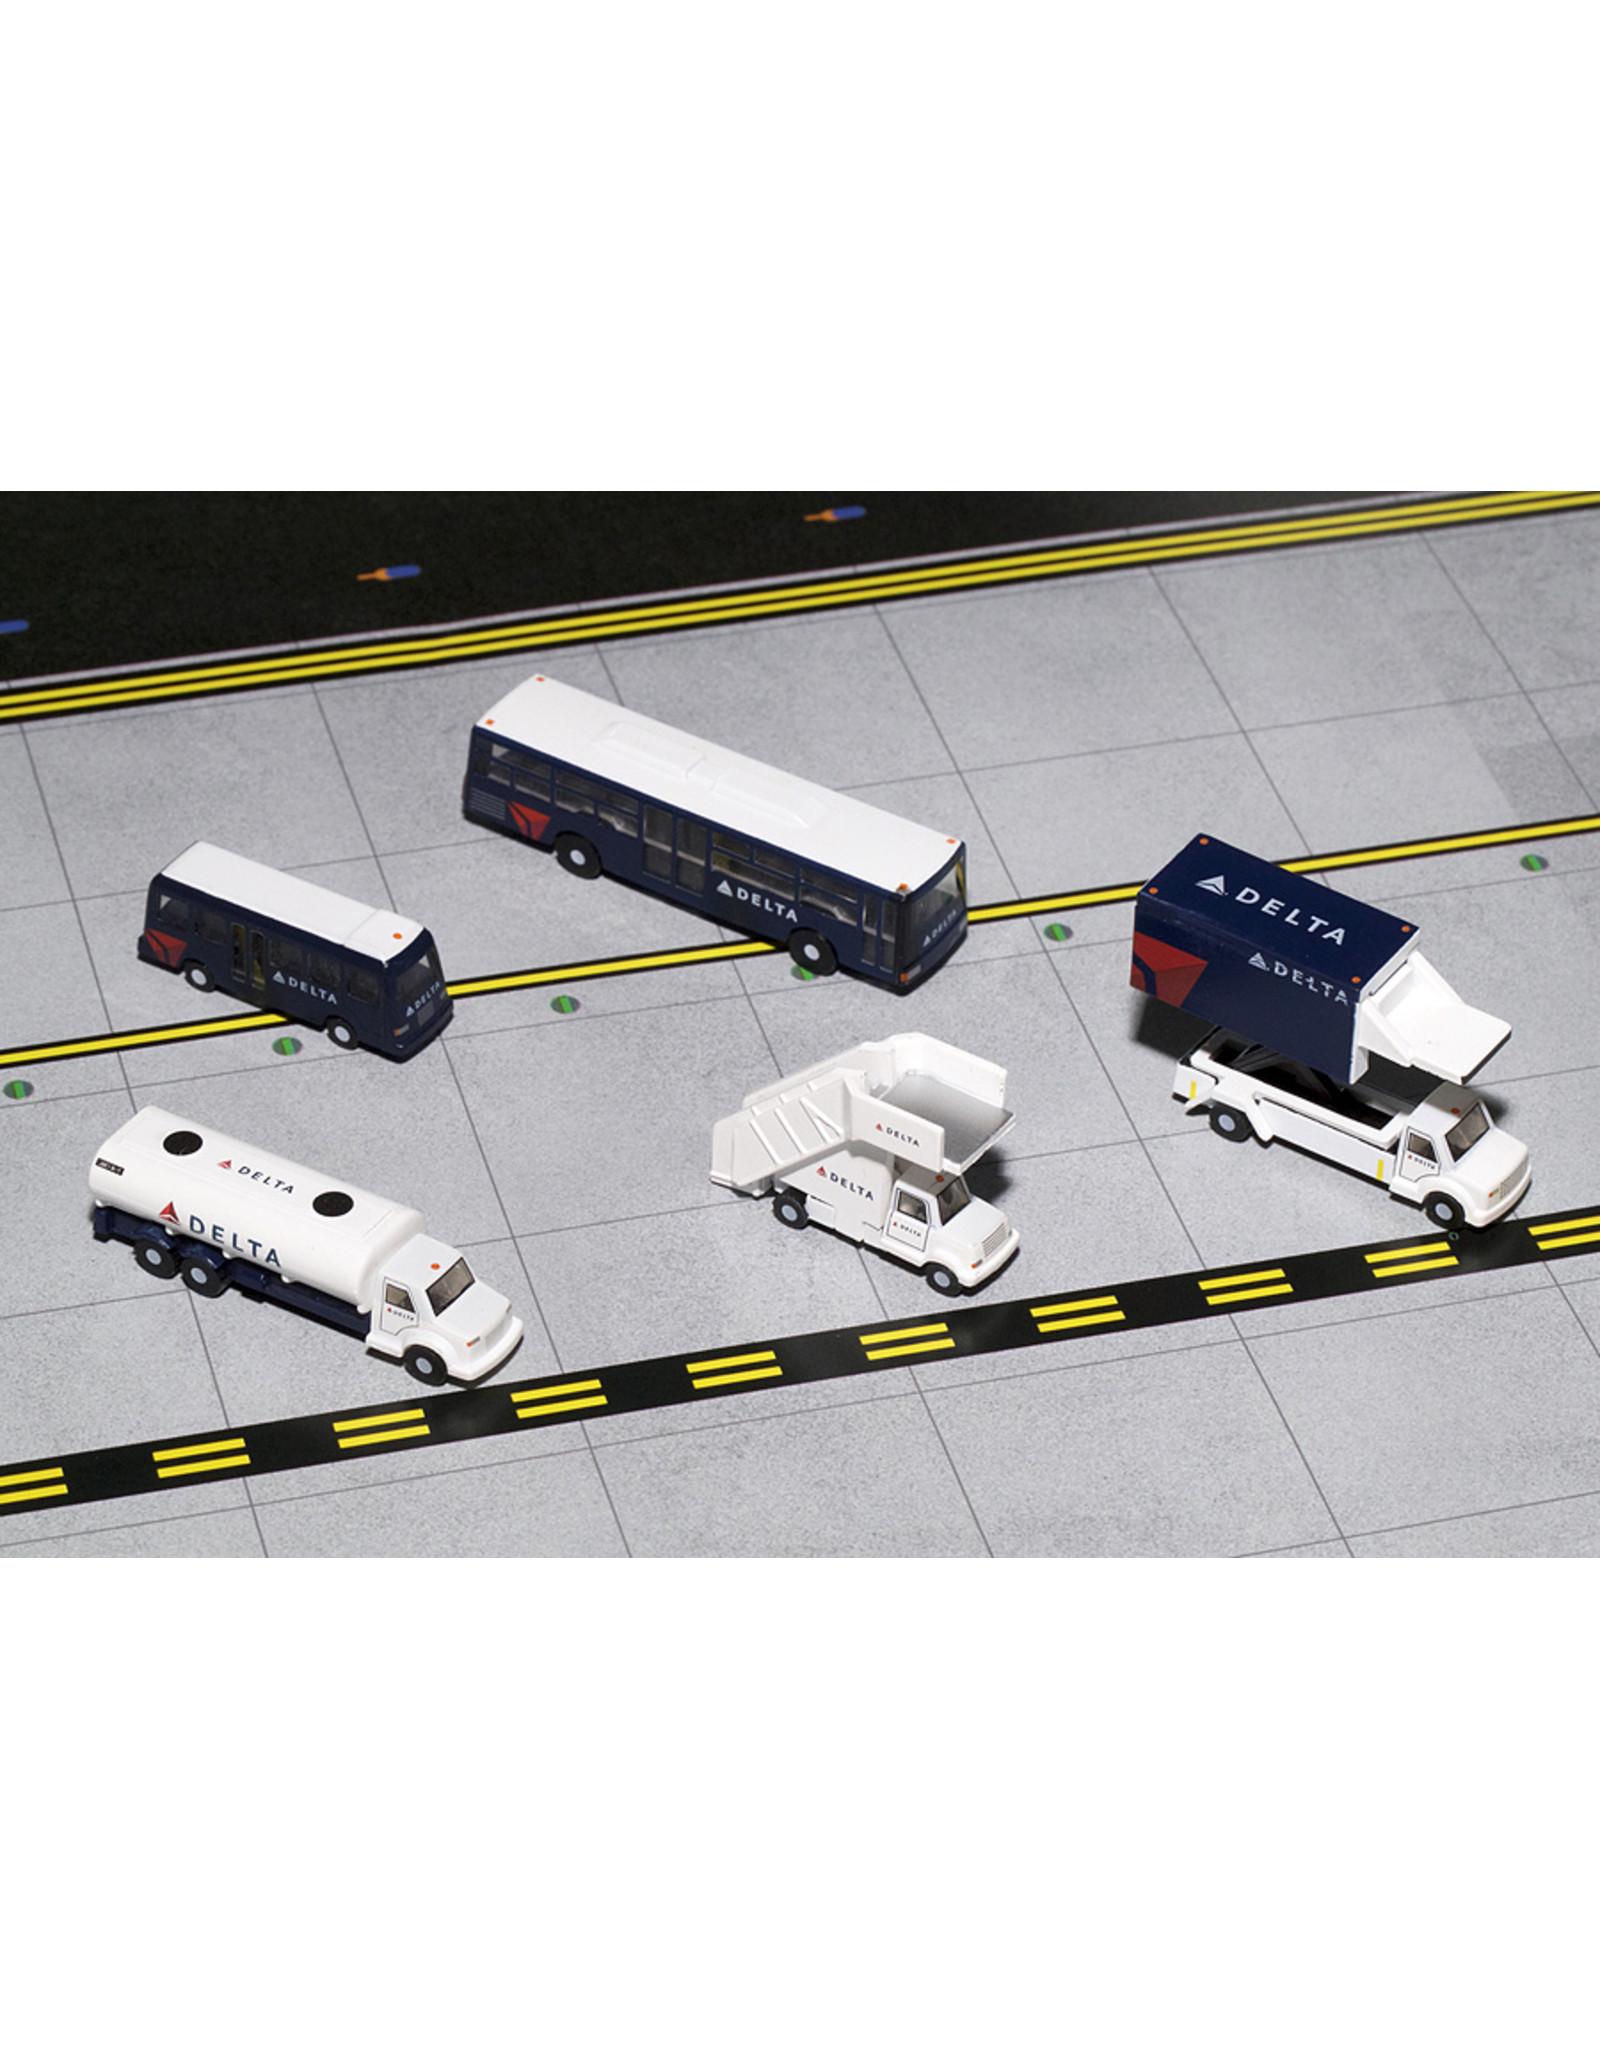 Gem2 Delta Ground Service Equipment